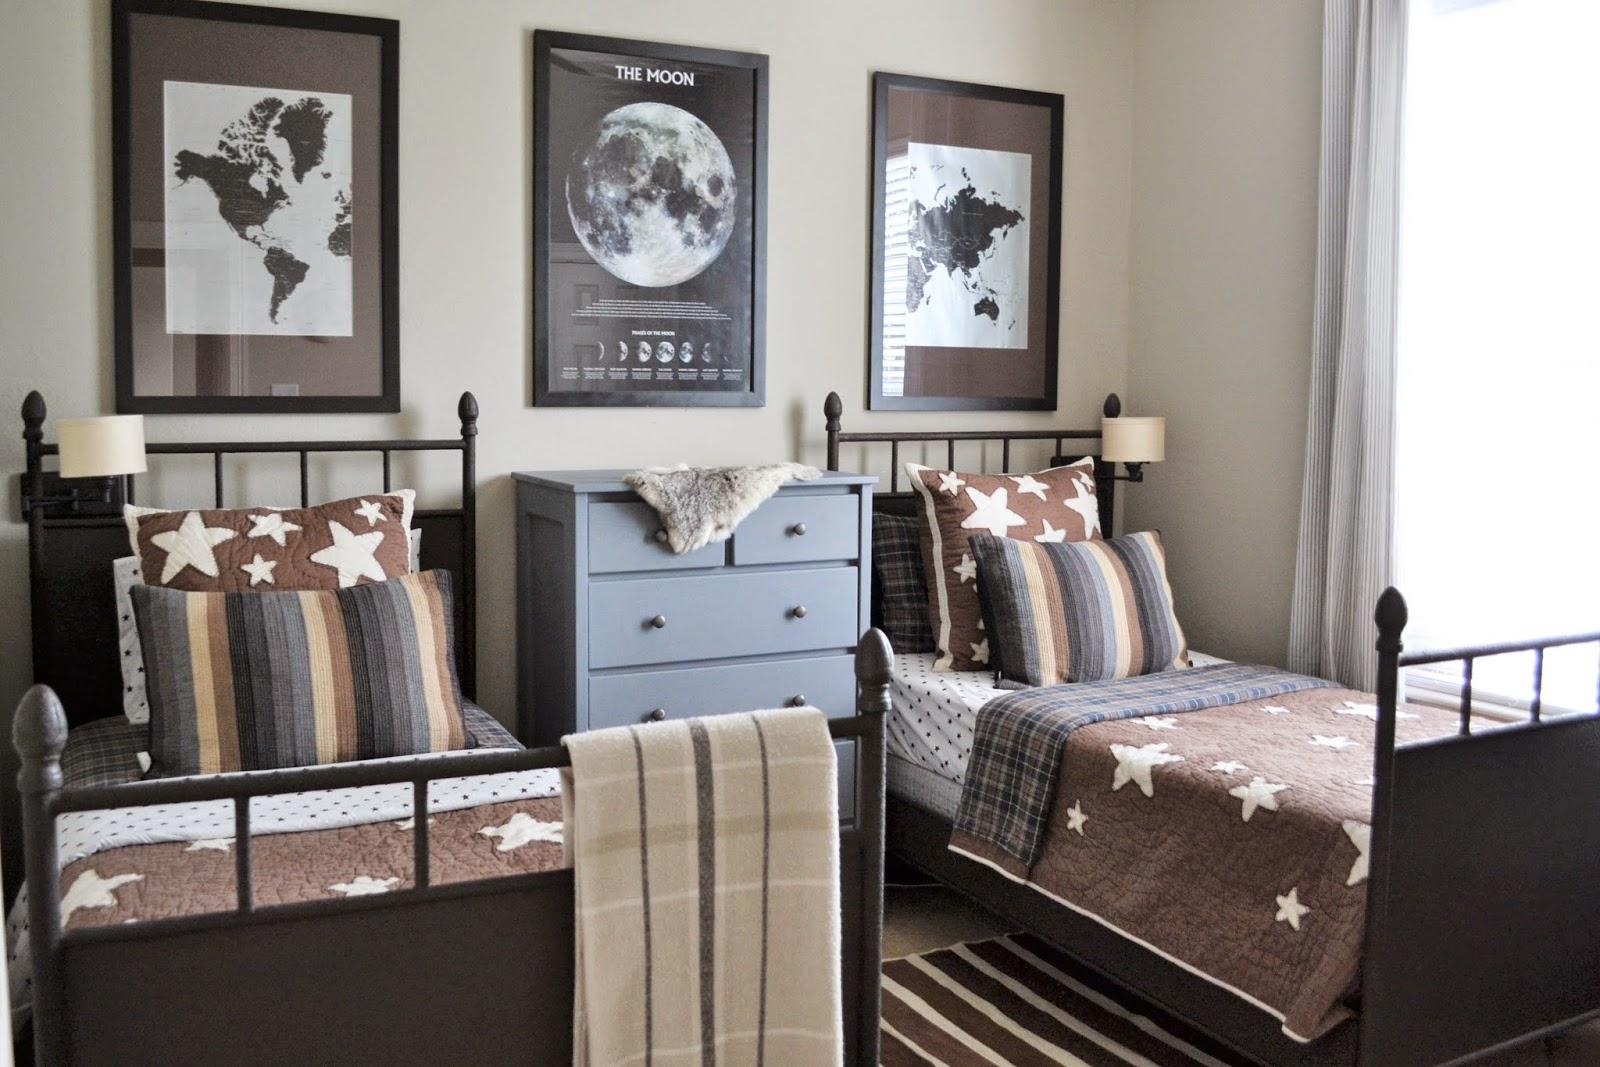 Дизайн детской комнаты для двух мальчиков в коричневом цвете